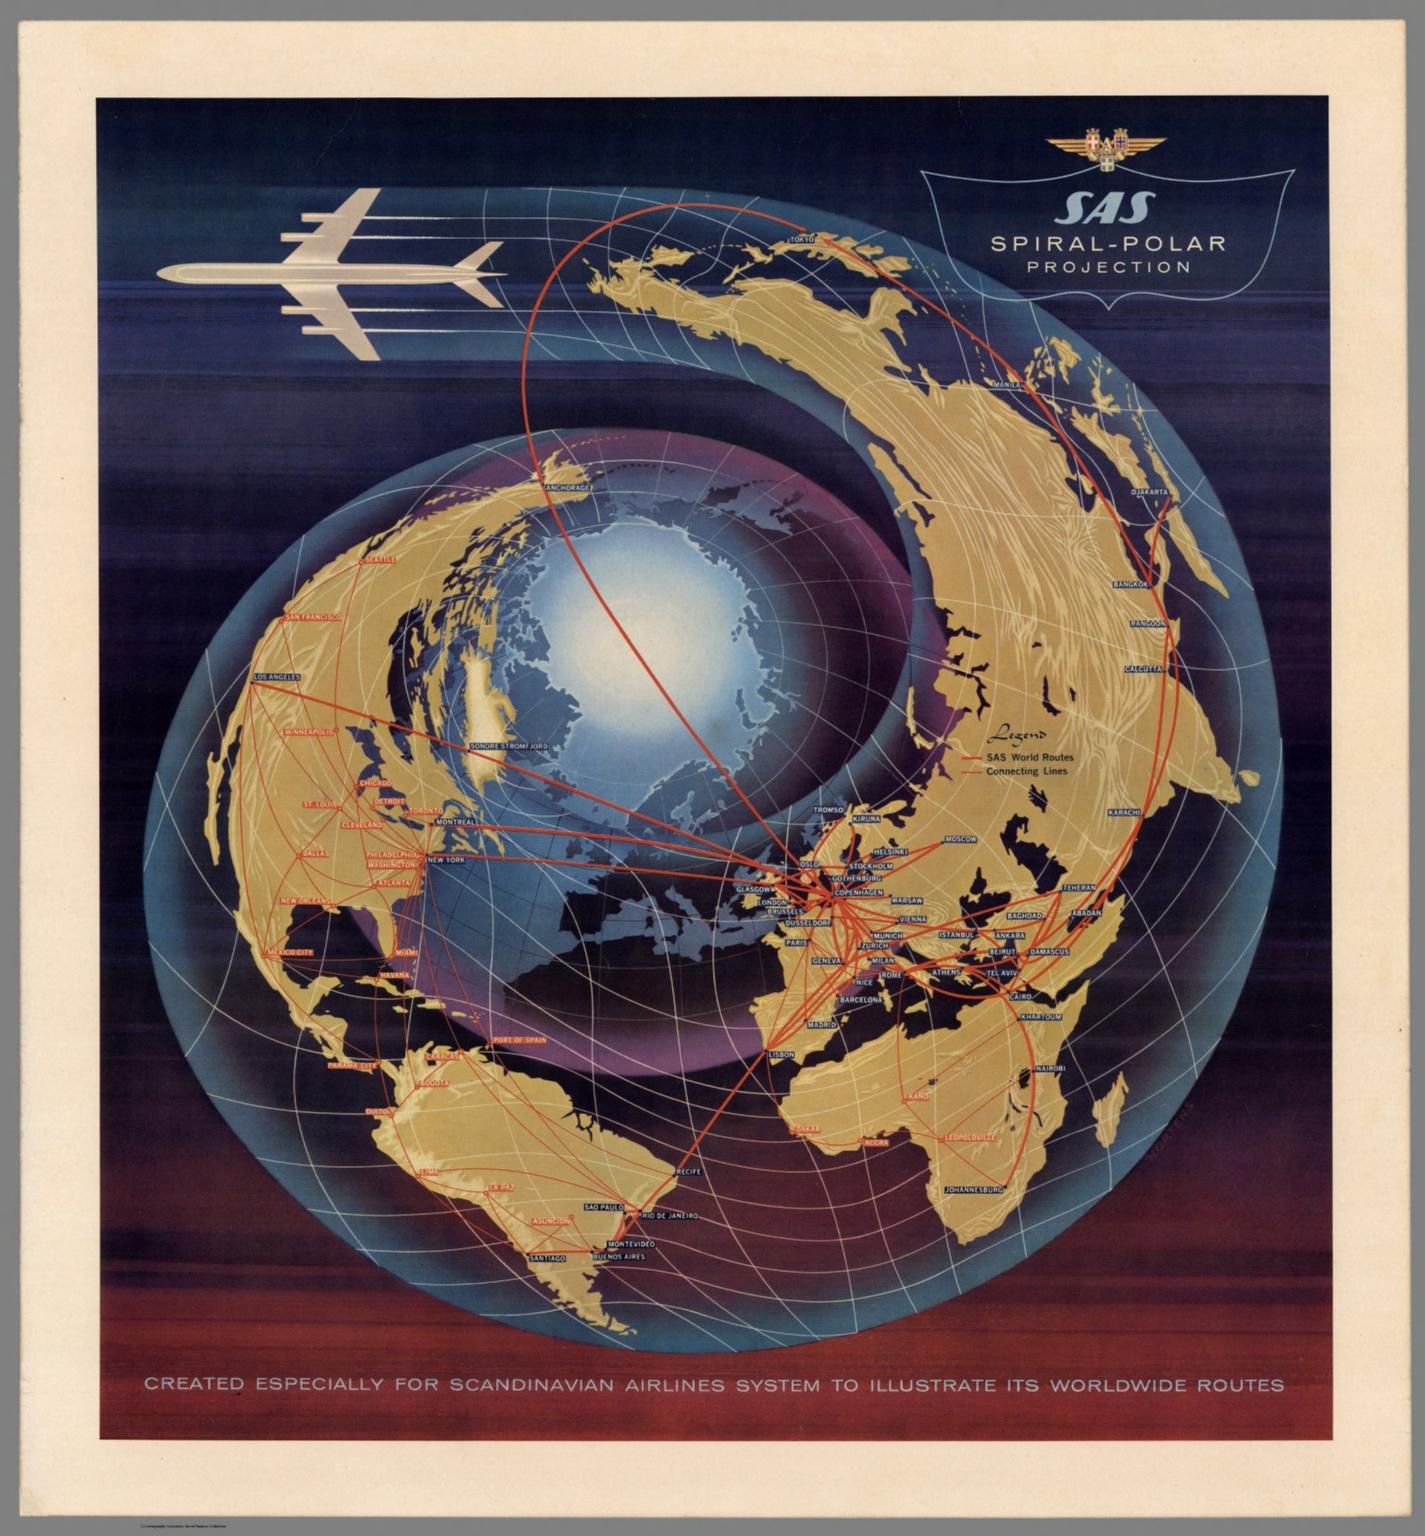 SAS Spiral-Polar Projection.